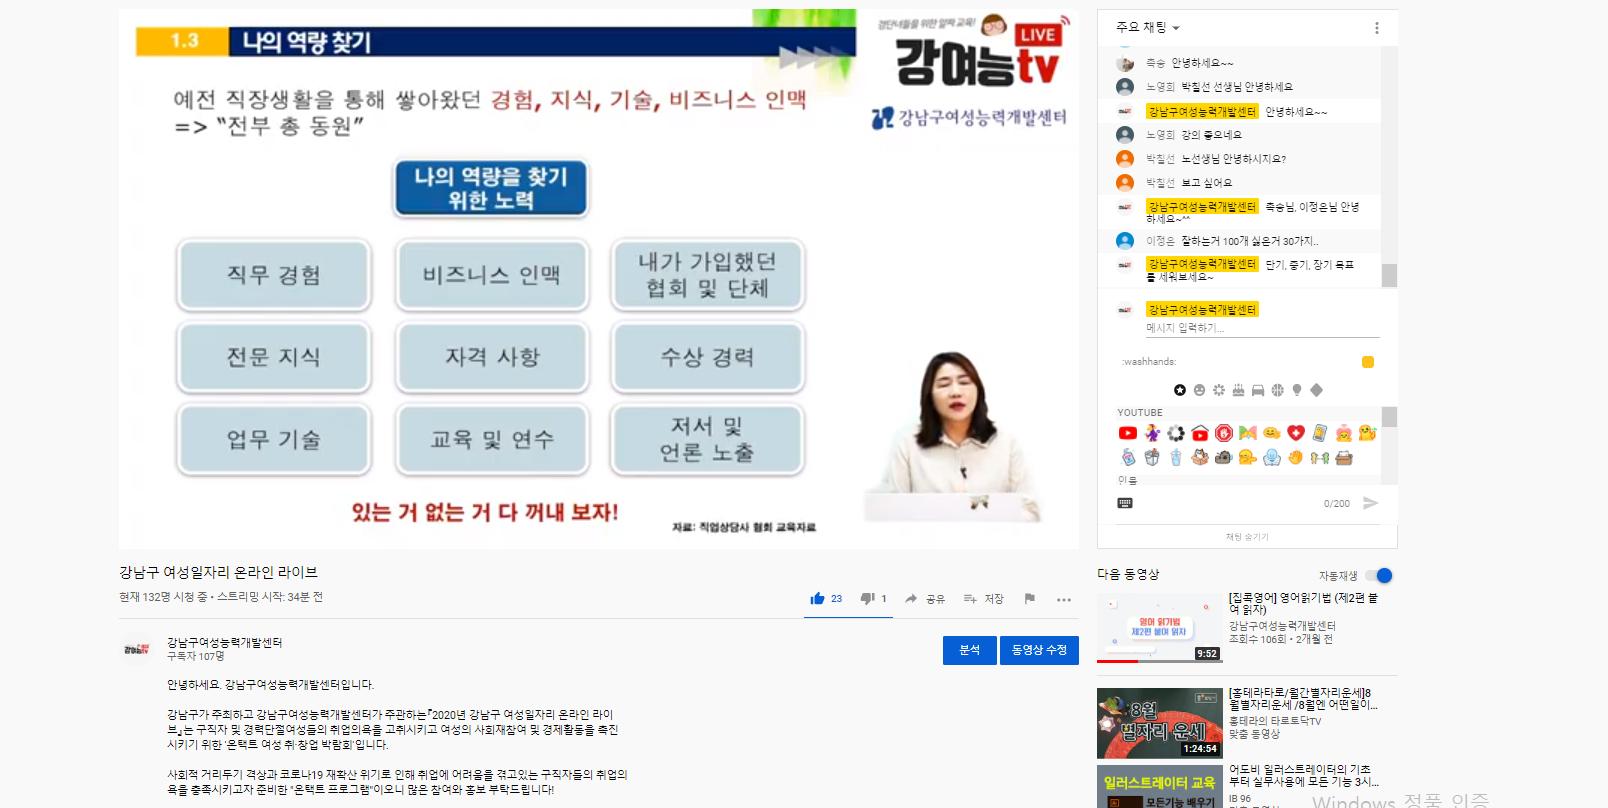 2020년 강남구 여성일자리 온라인 라이브 -힘내잡!-